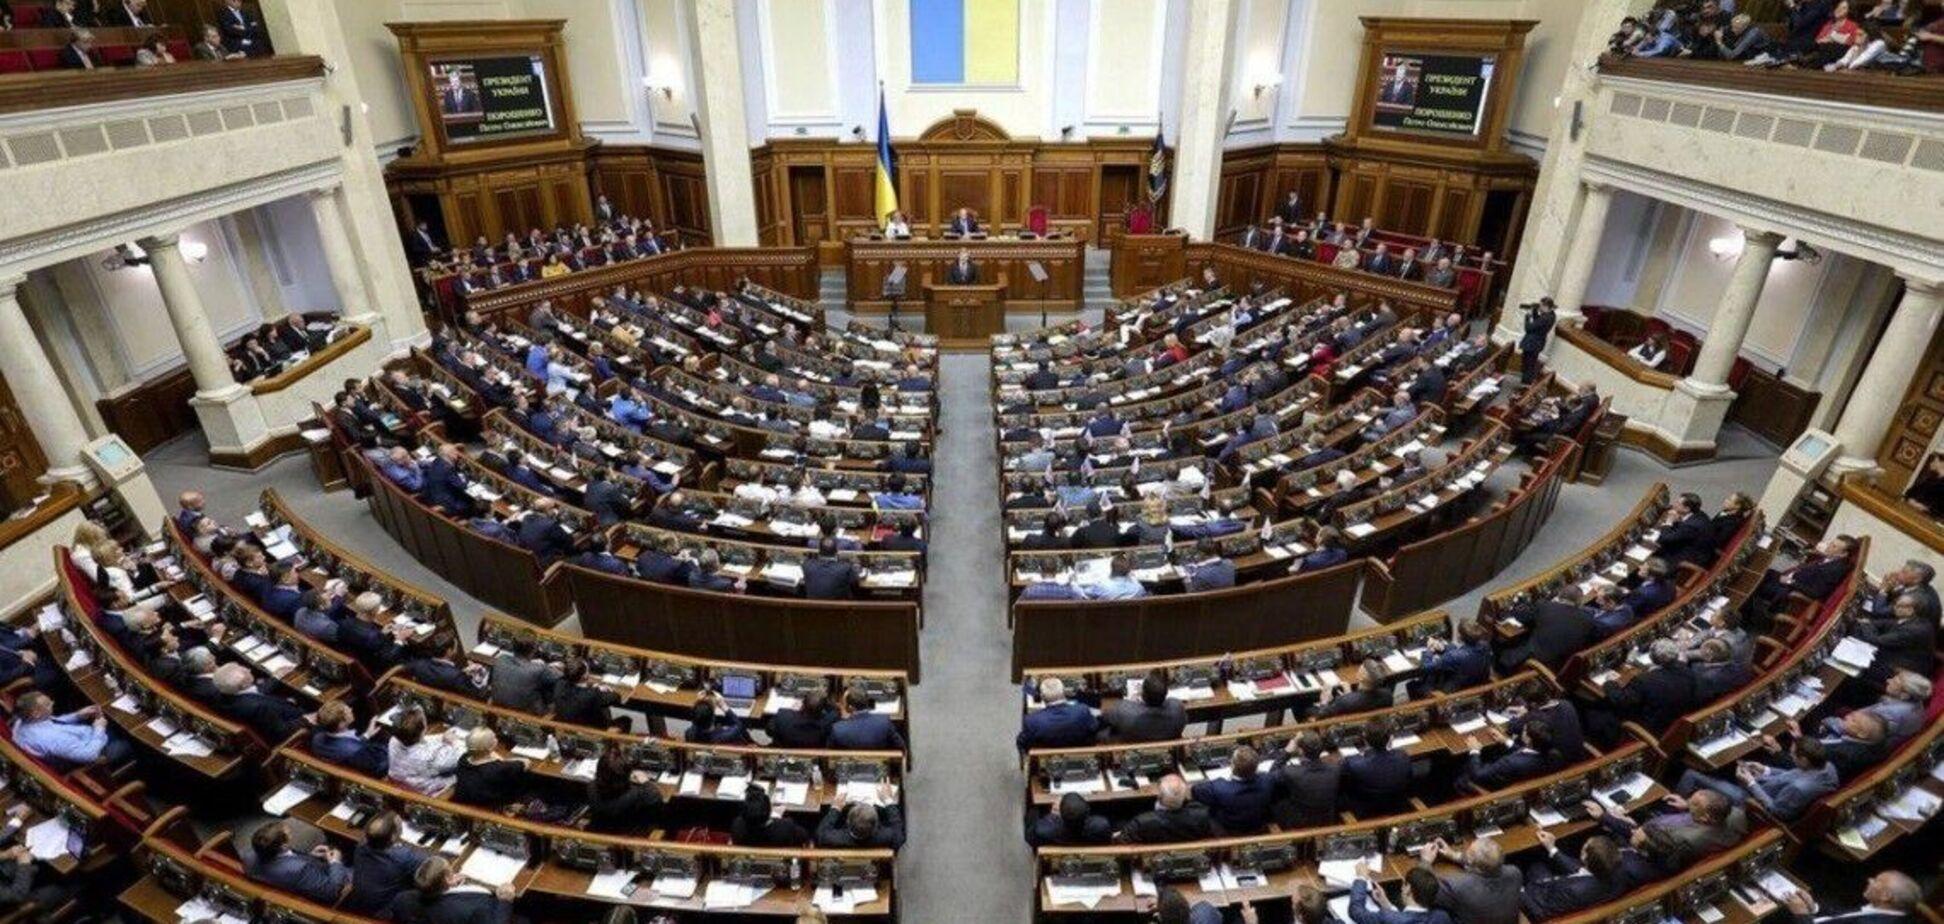 Опозиционные фракции зарегистрировали в Раде проект постановления о включении дела 'вагнеровцев' в ВСК